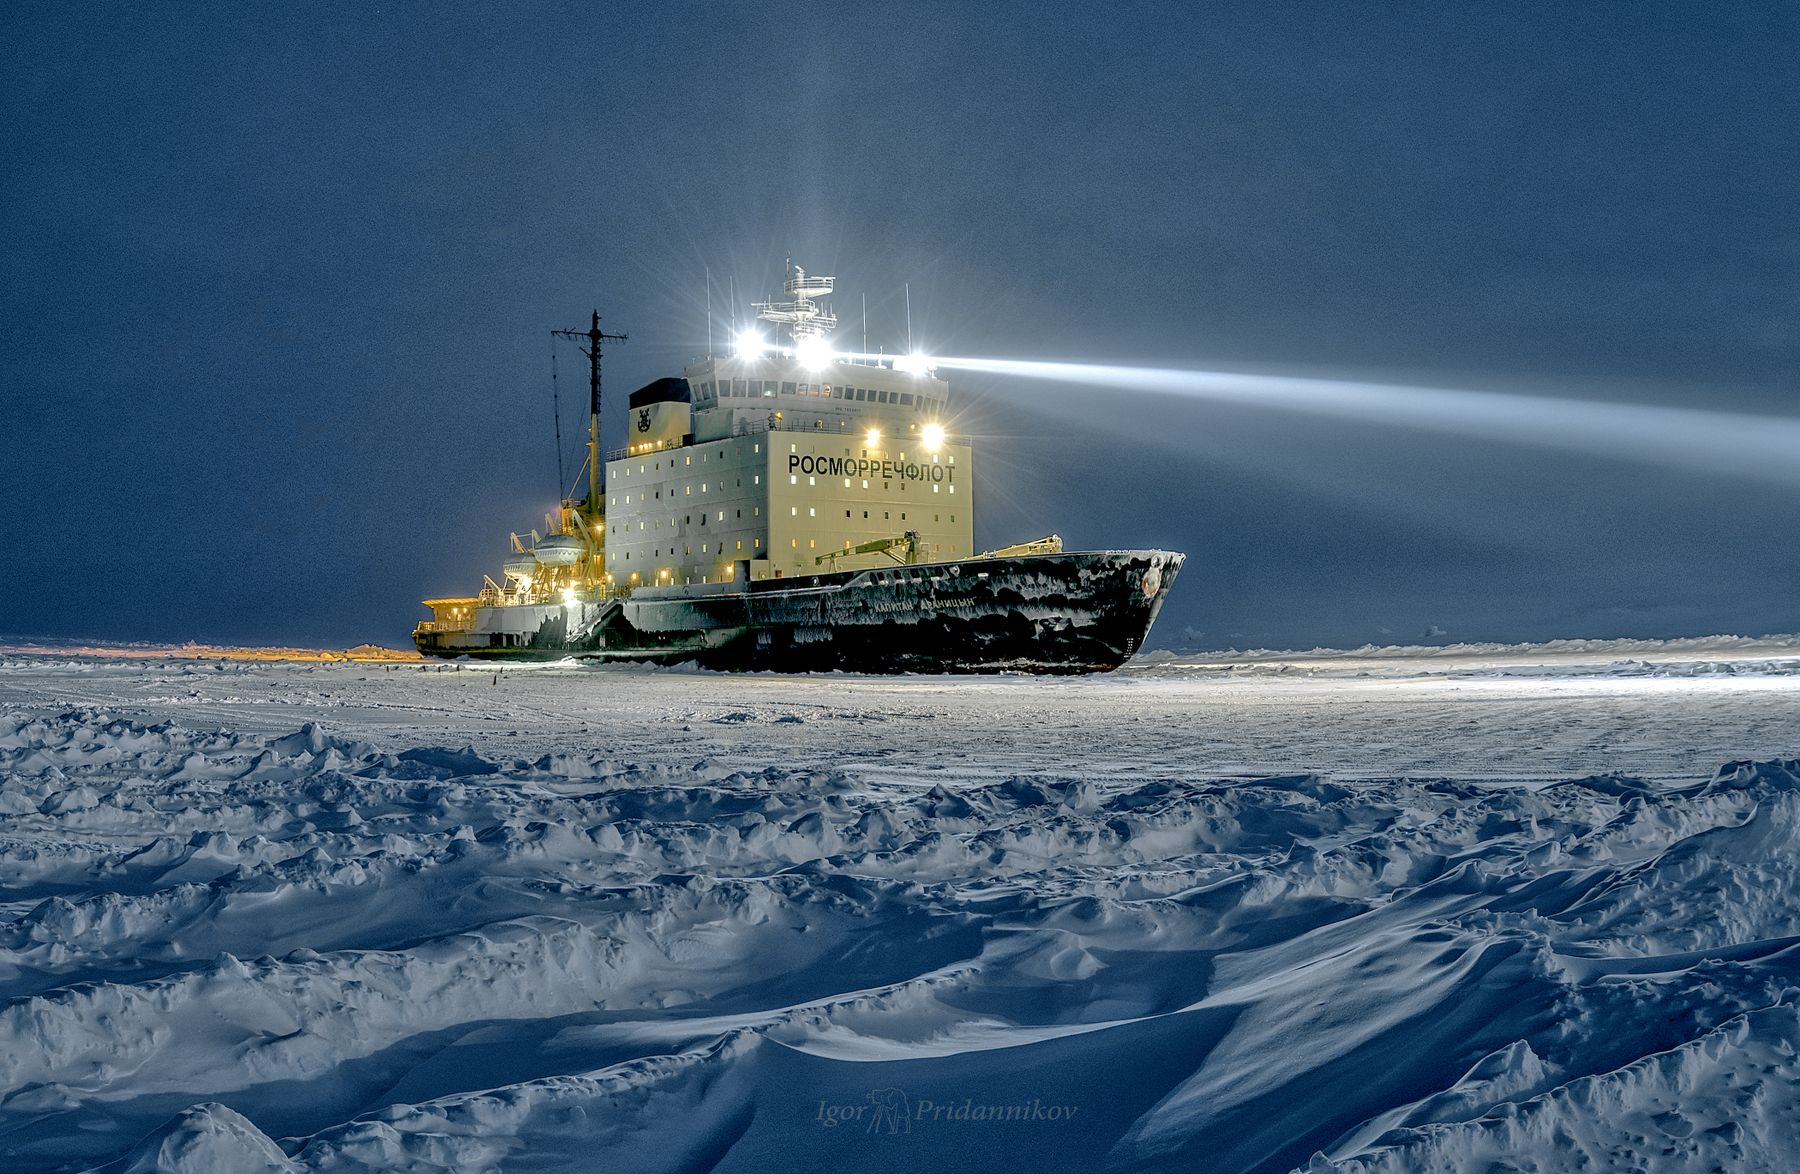 Освещая путь драницын лёд арктика освещённый прожектора ночь